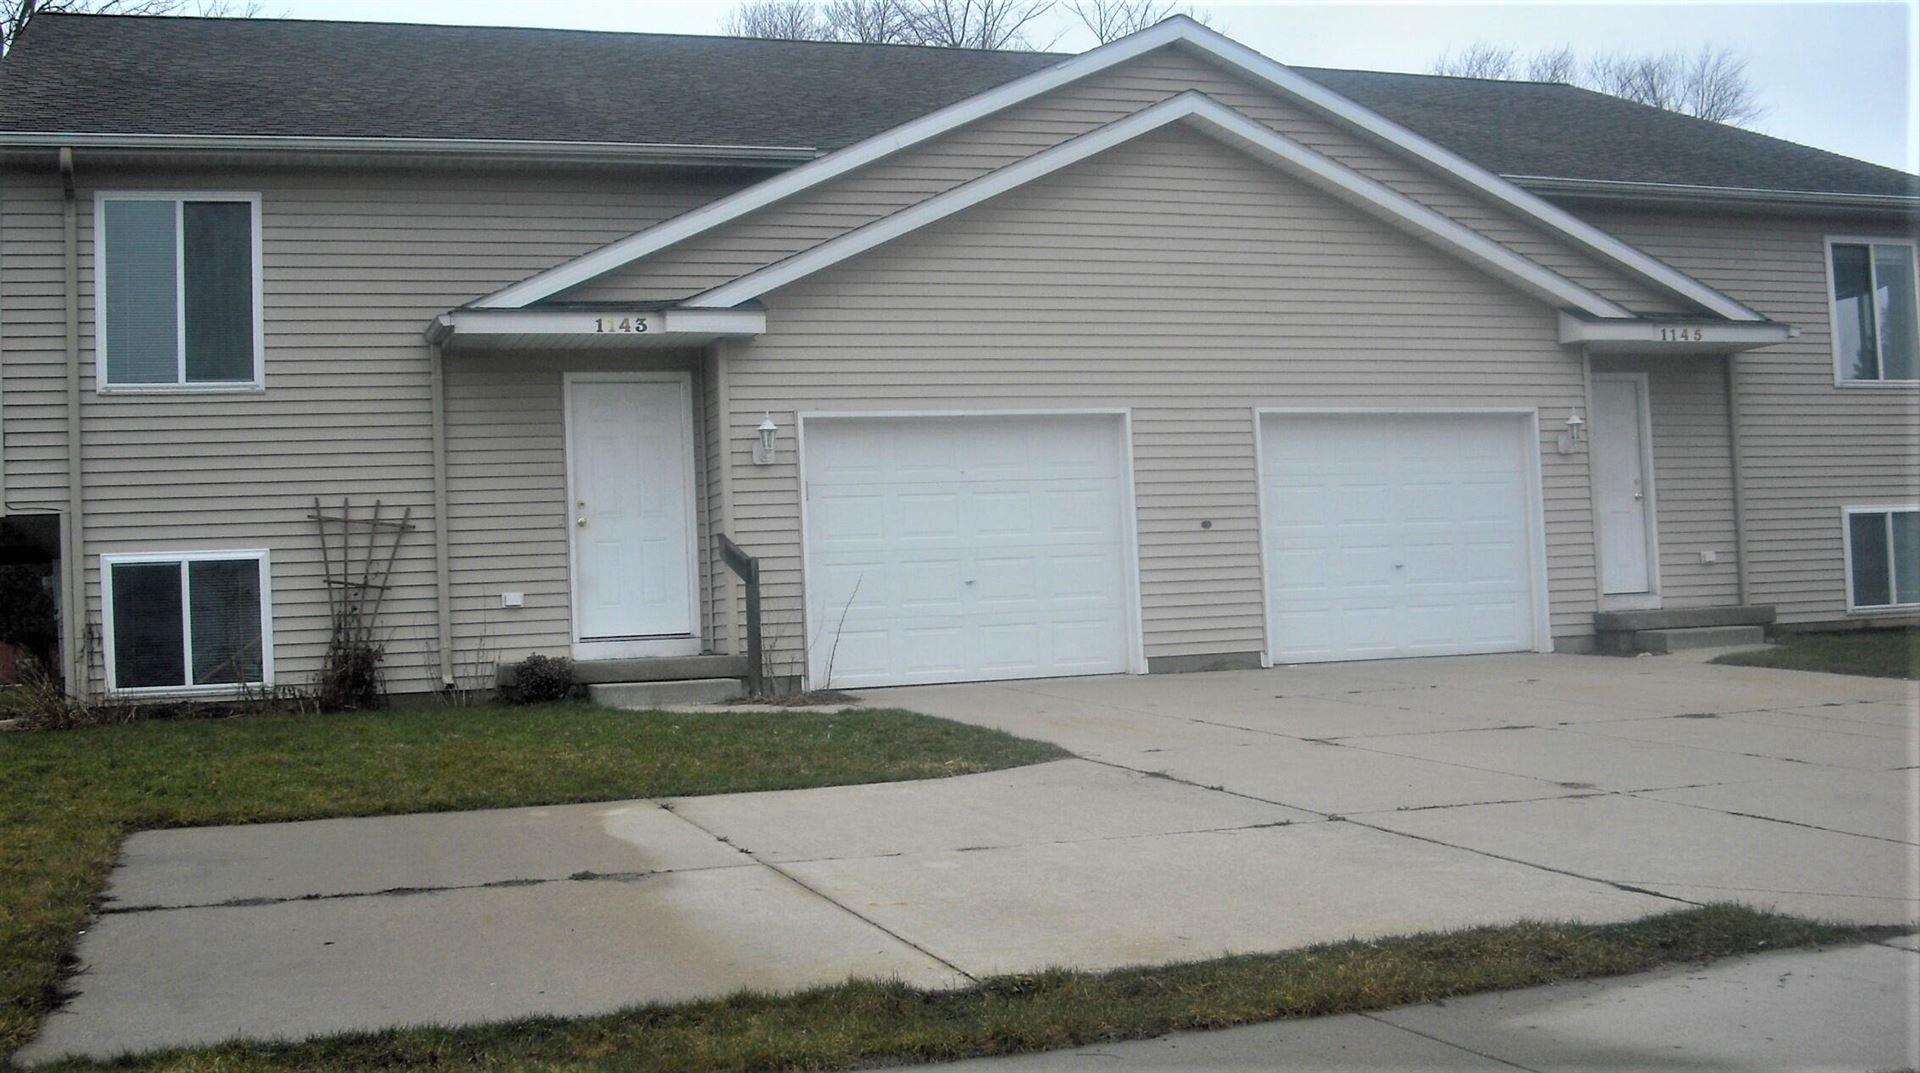 1143 W Leonard Court, Grand Rapids, MI 49534 - MLS#: 21110737